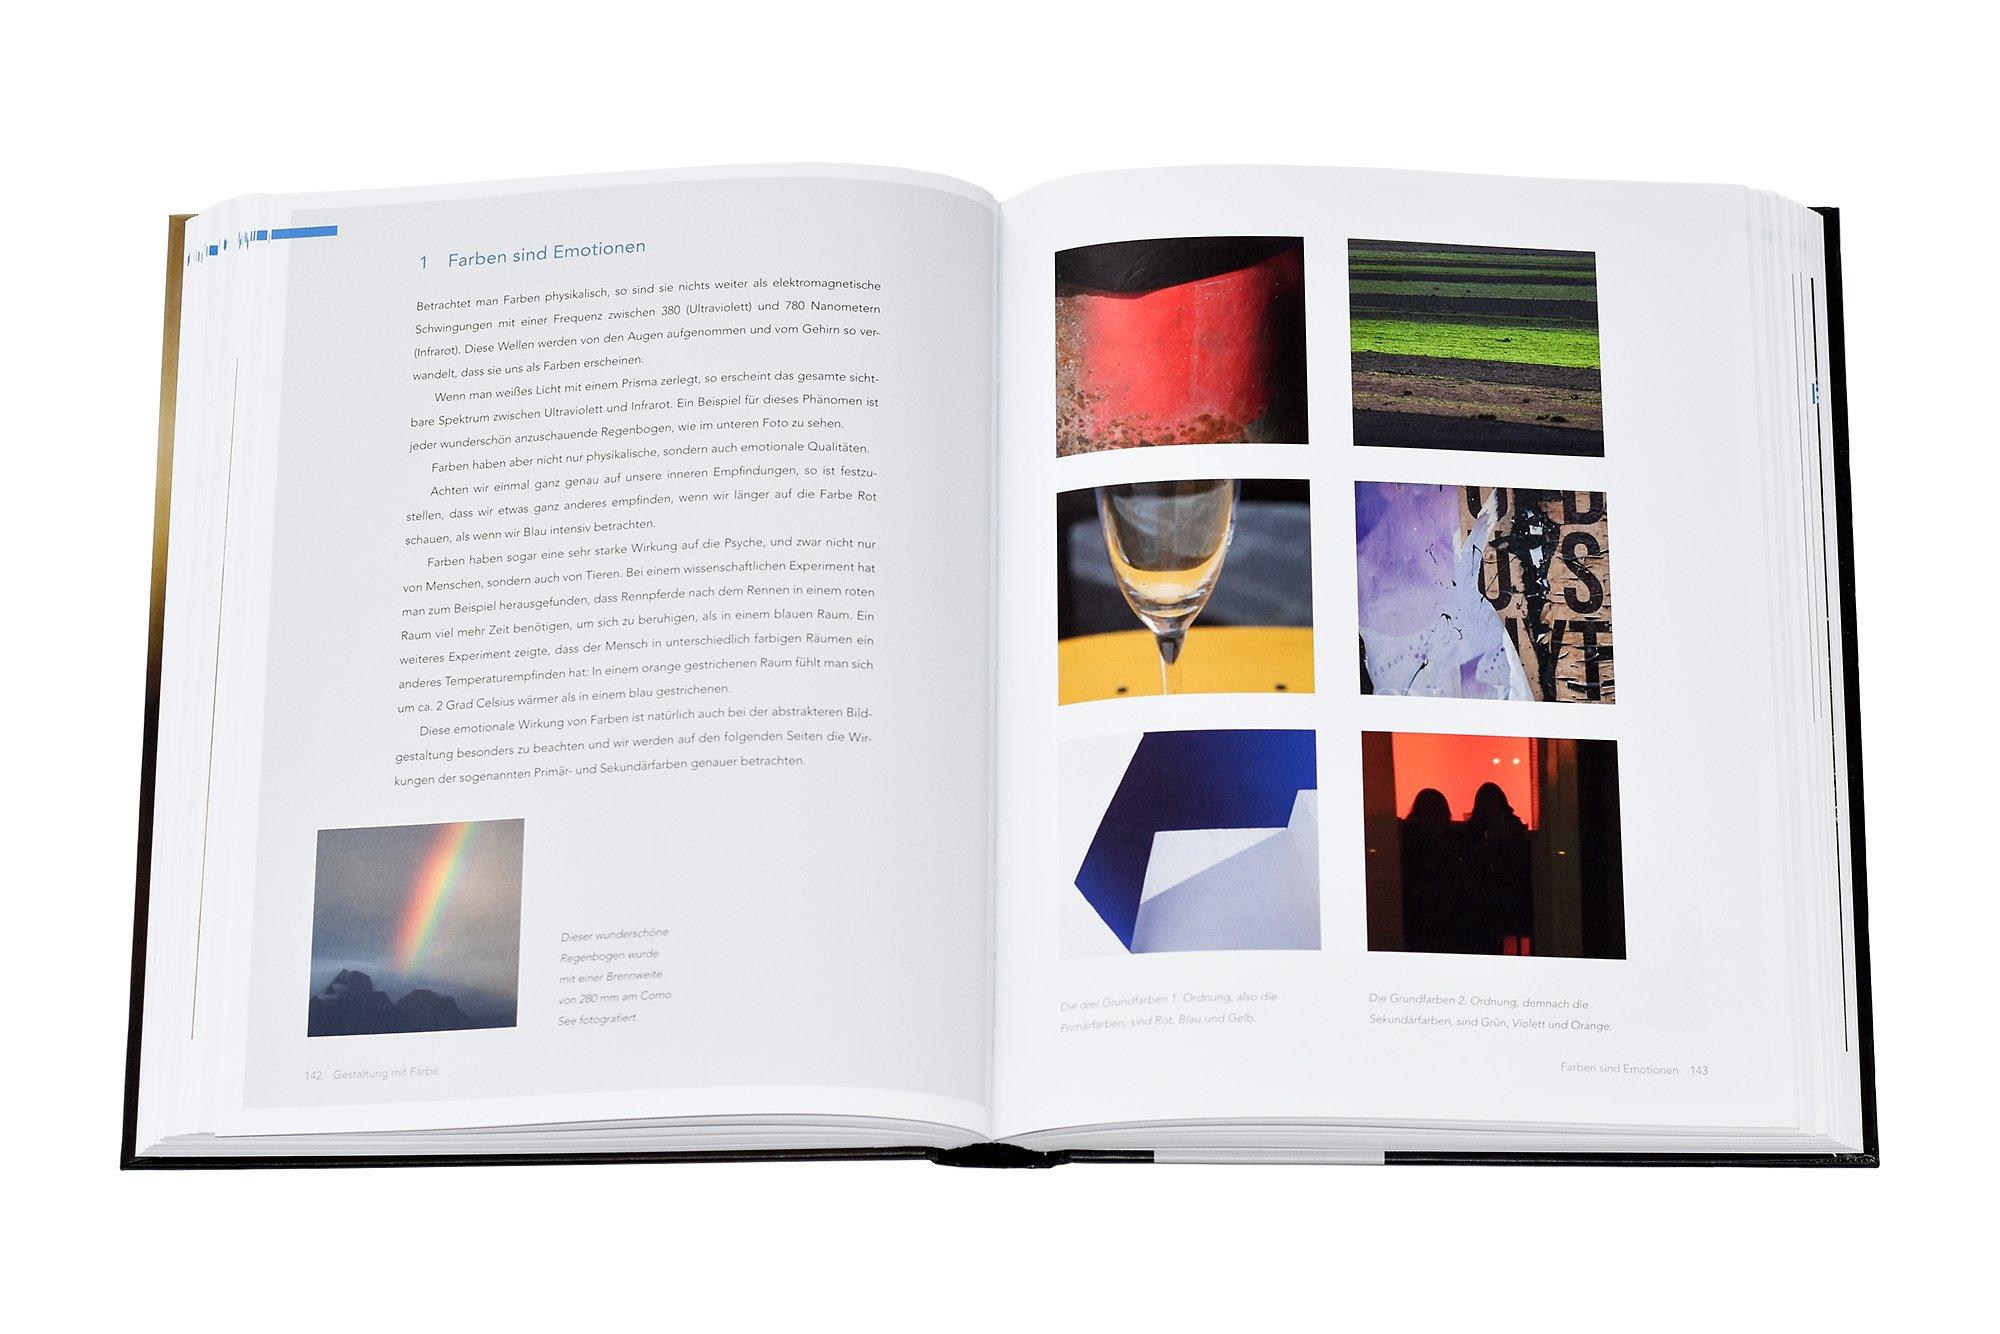 71zKR724OaL Fabelhafte Psychologische Wirkung Von Farben Dekorationen